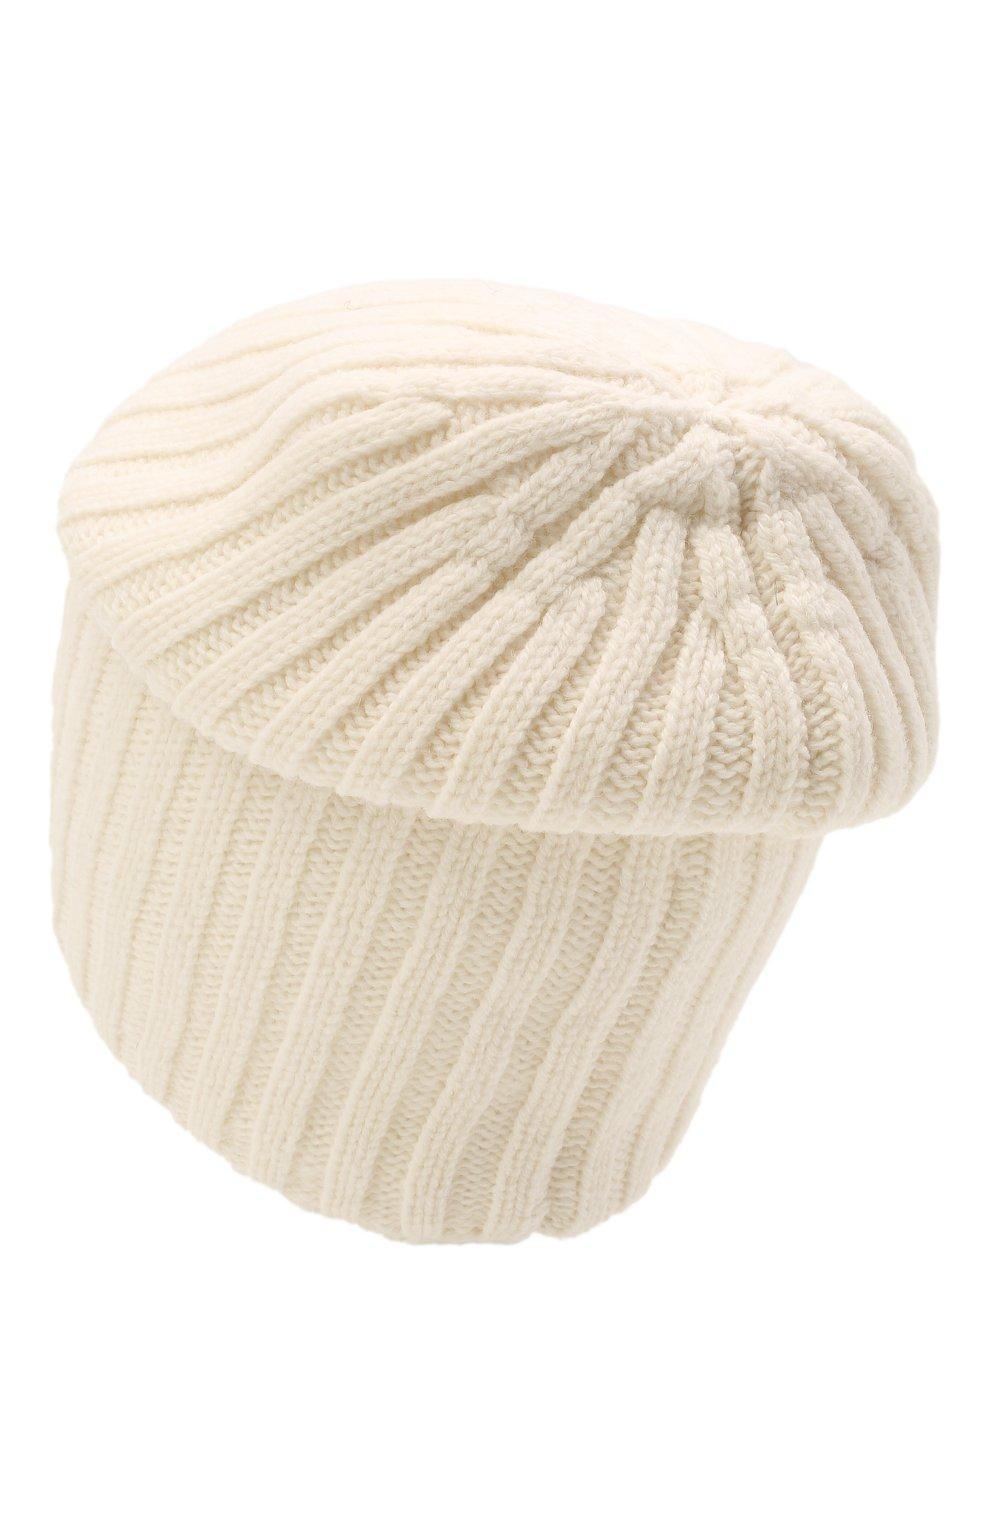 Мужская шерстяная шапка soft CANOE белого цвета, арт. 4714100   Фото 2 (Материал: Шерсть; Кросс-КТ: Трикотаж)